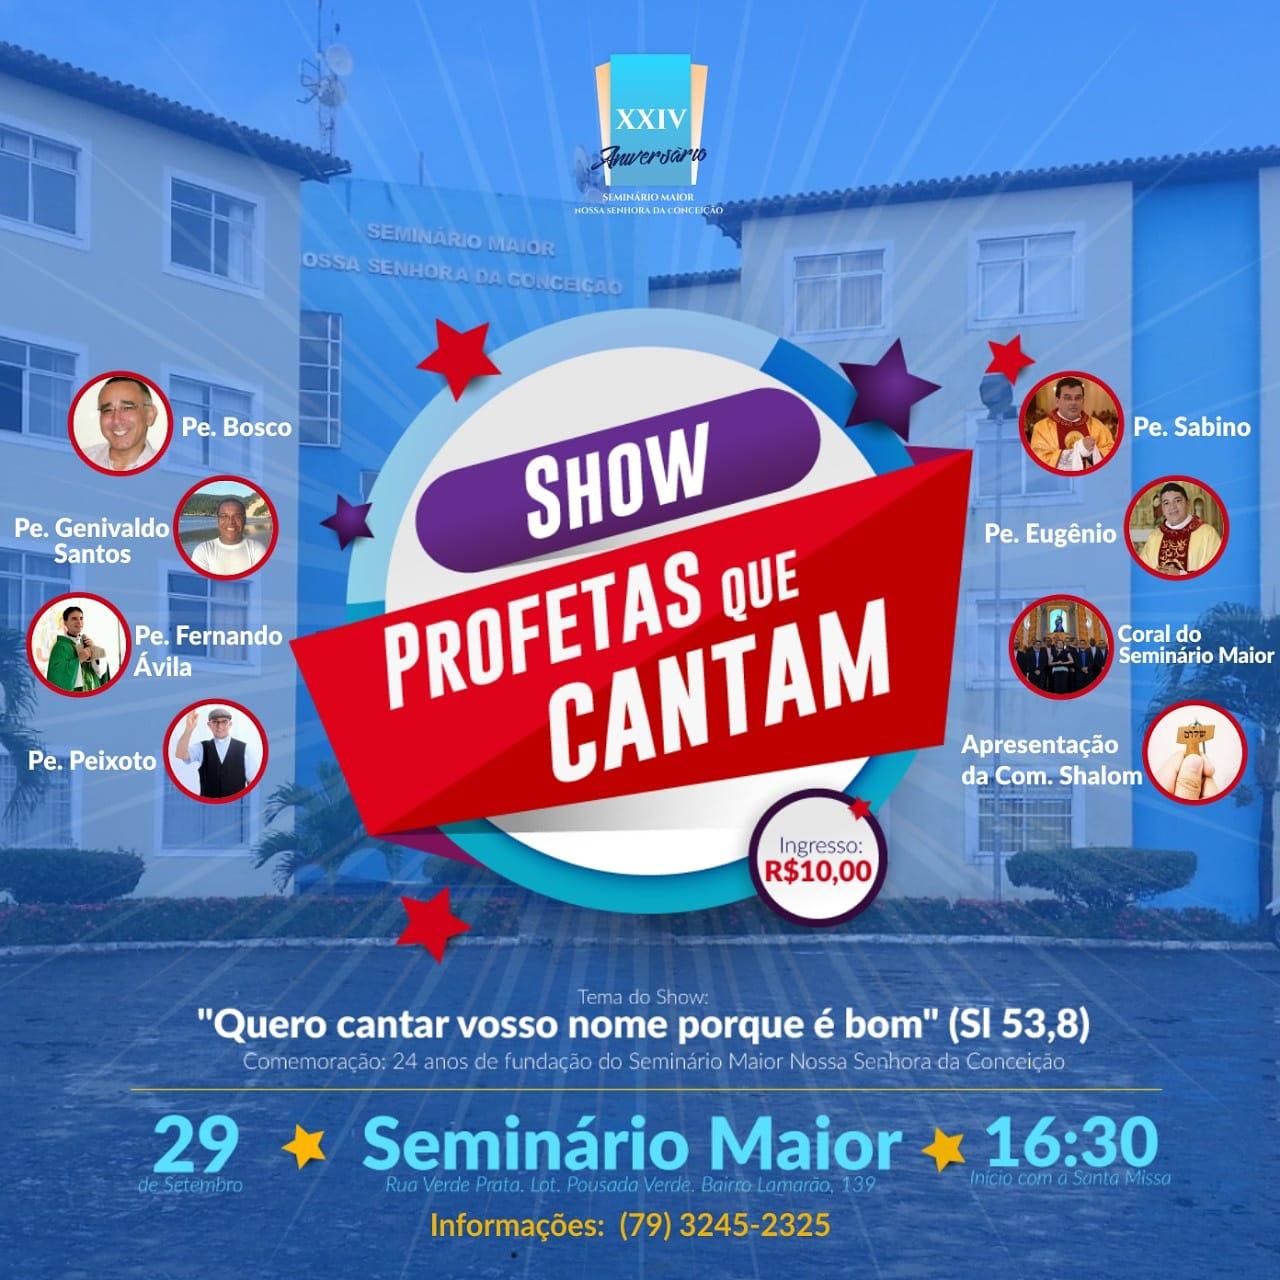 SHOW PROFETAS QUE CANTAM 2018